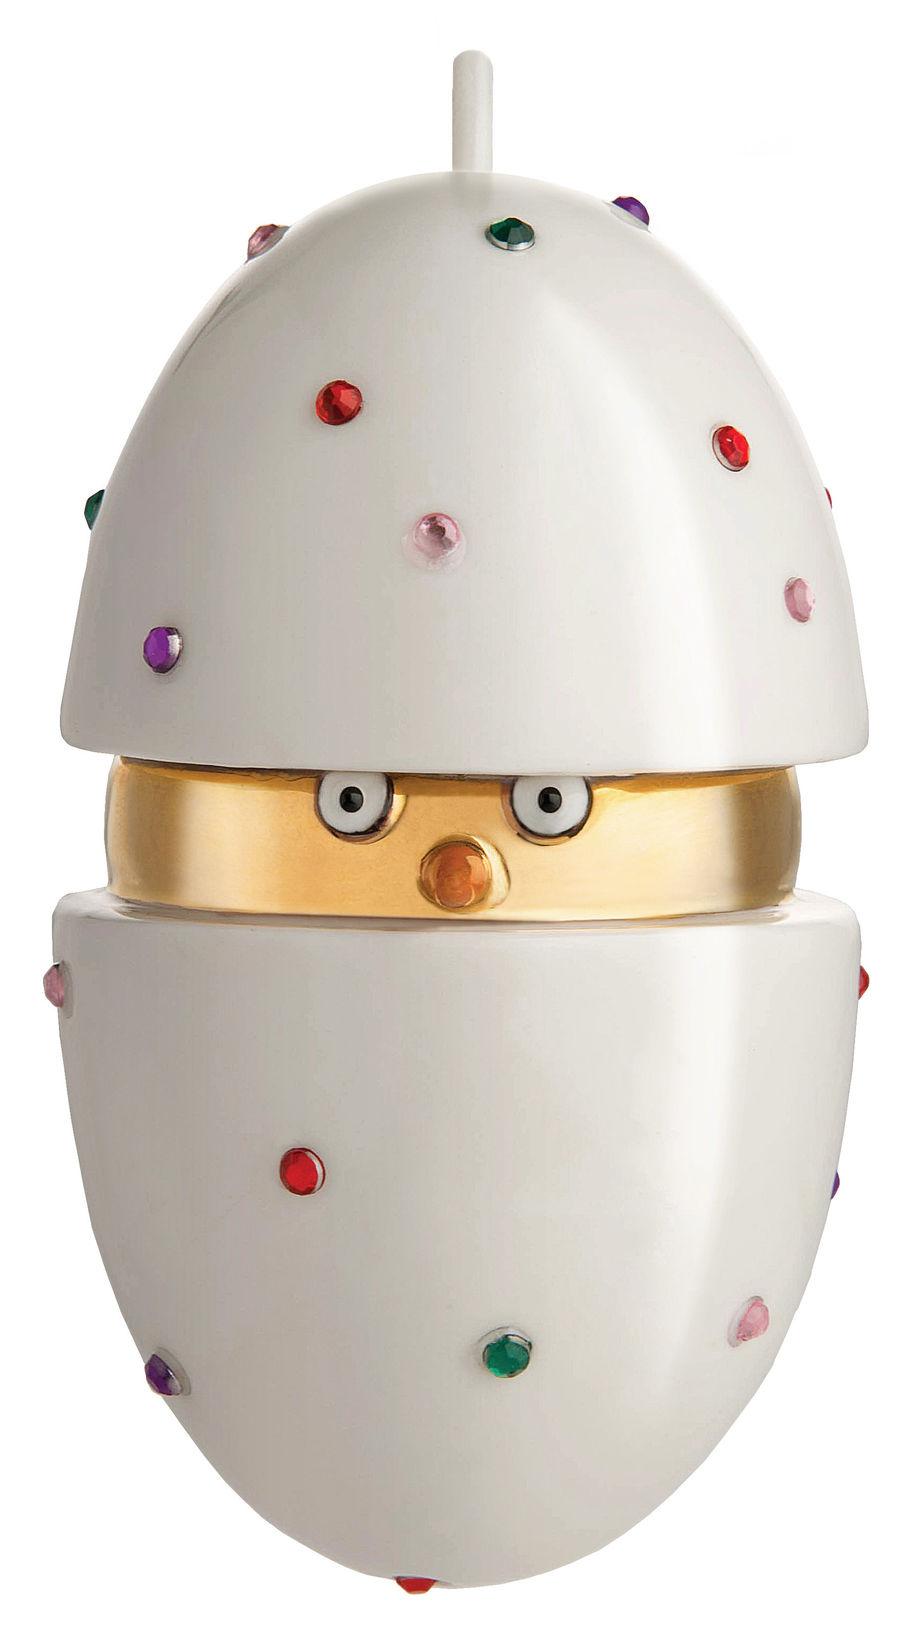 Weihnachtskugel Faberjorì von Alessi - Küken - h 9.5 x Ø 5.6 | Made ...